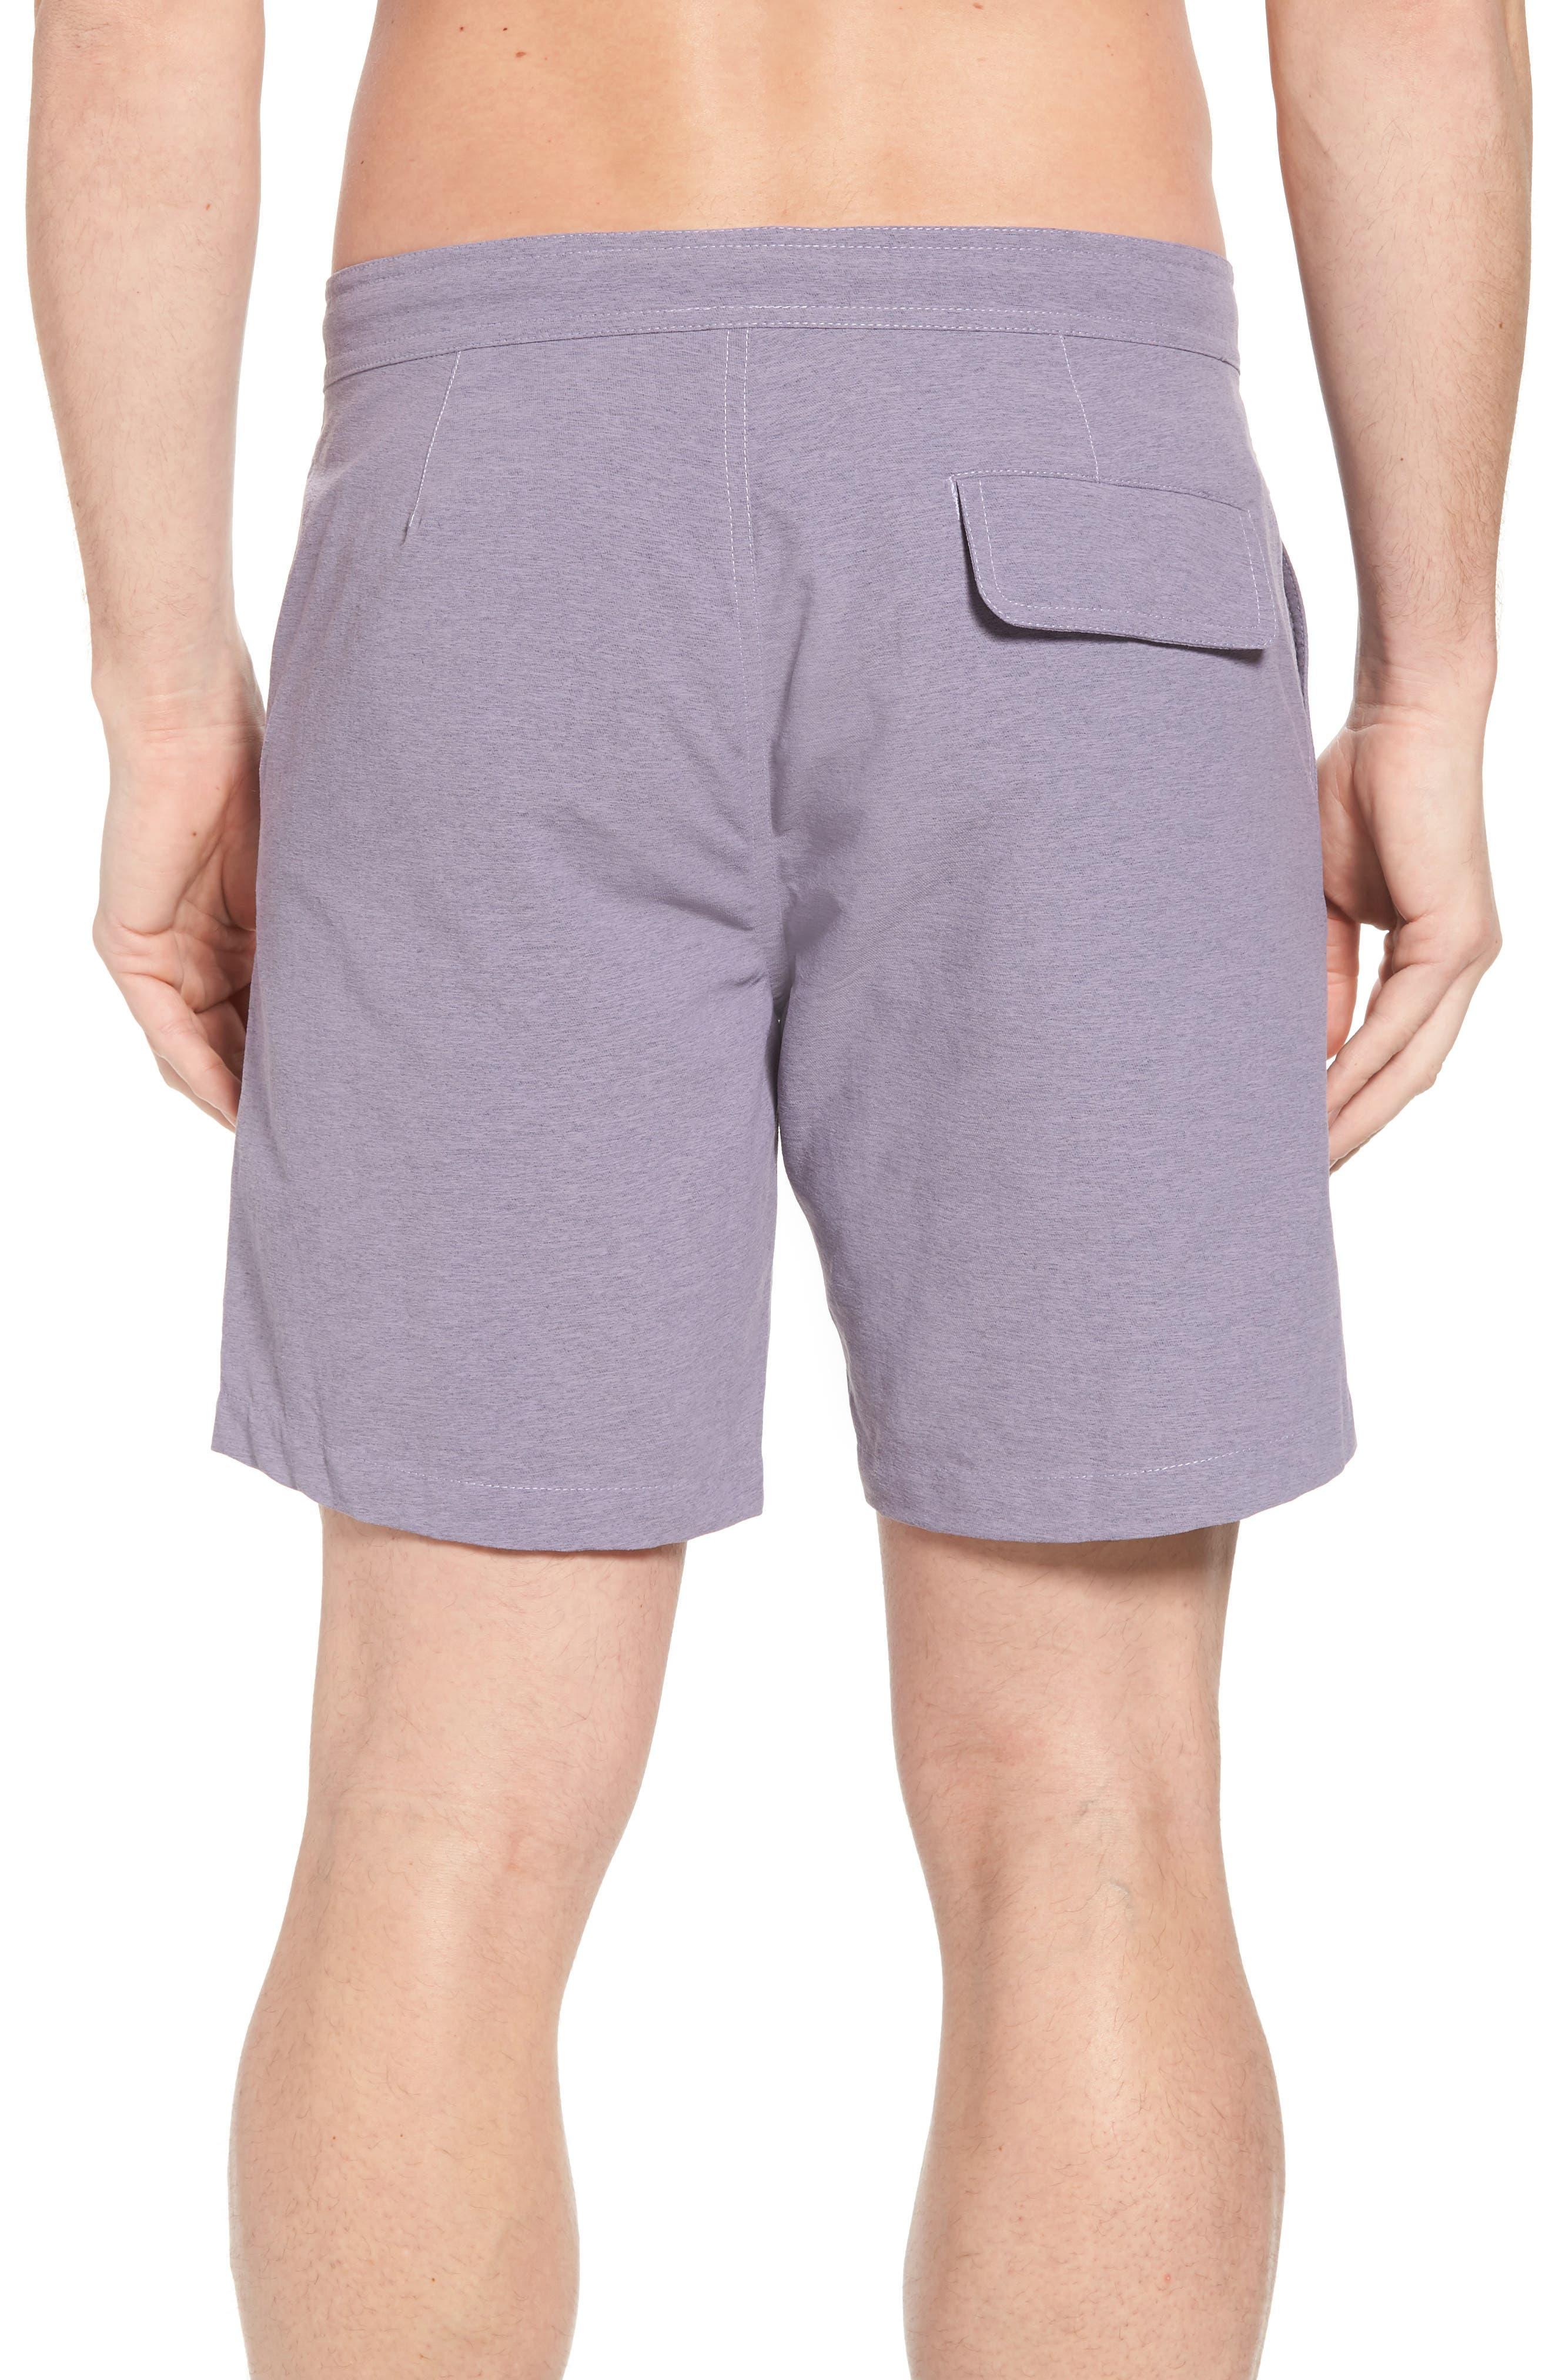 Bond Hybrid Shorts,                             Alternate thumbnail 2, color,                             Venice Purple